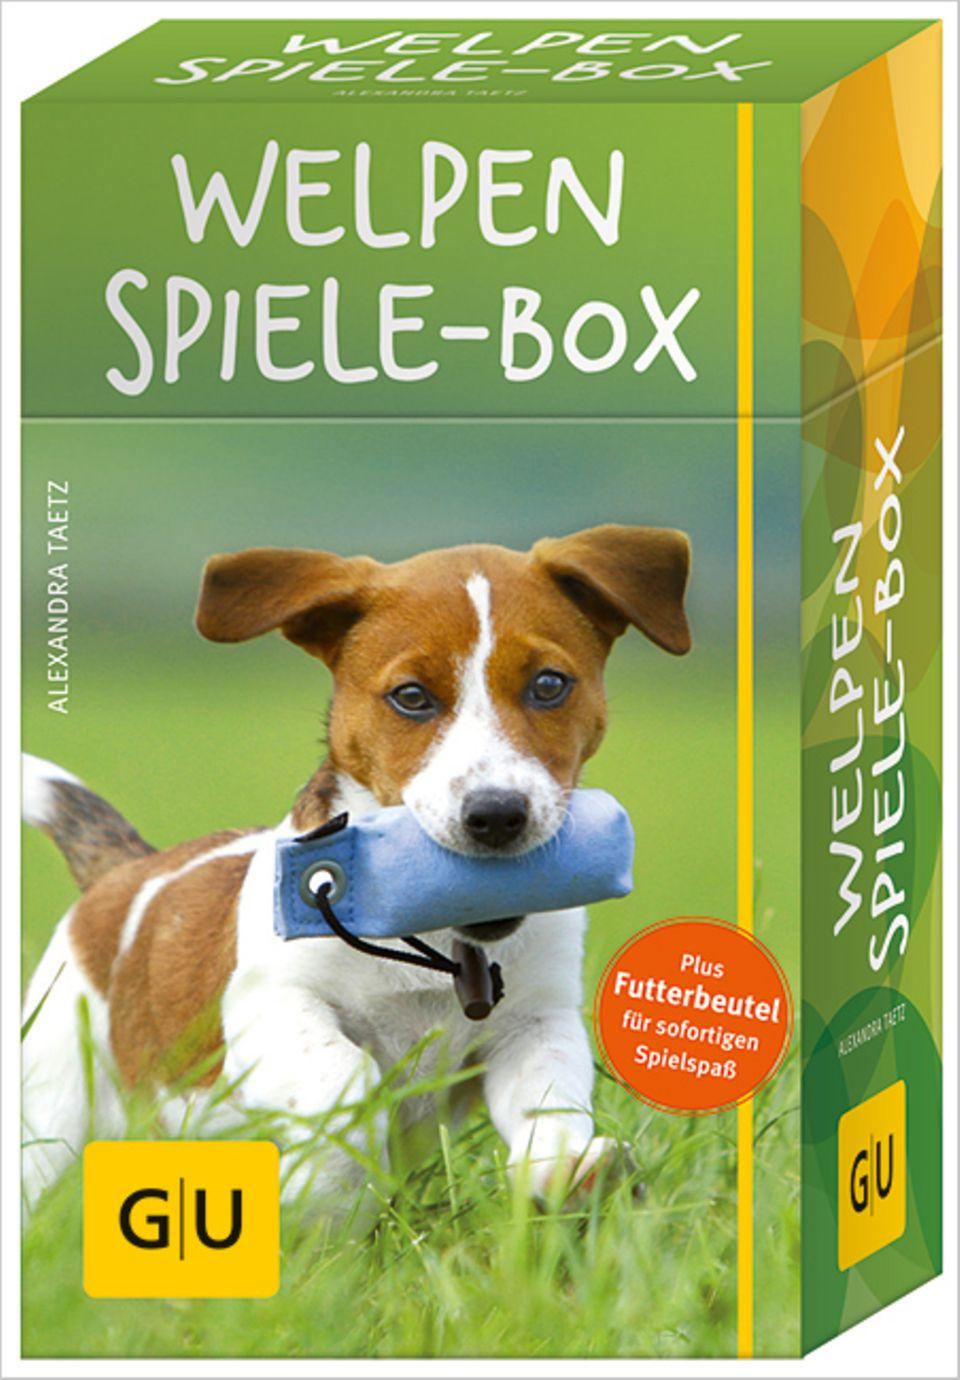 So sieht die Welpen-Spiele-Box aus